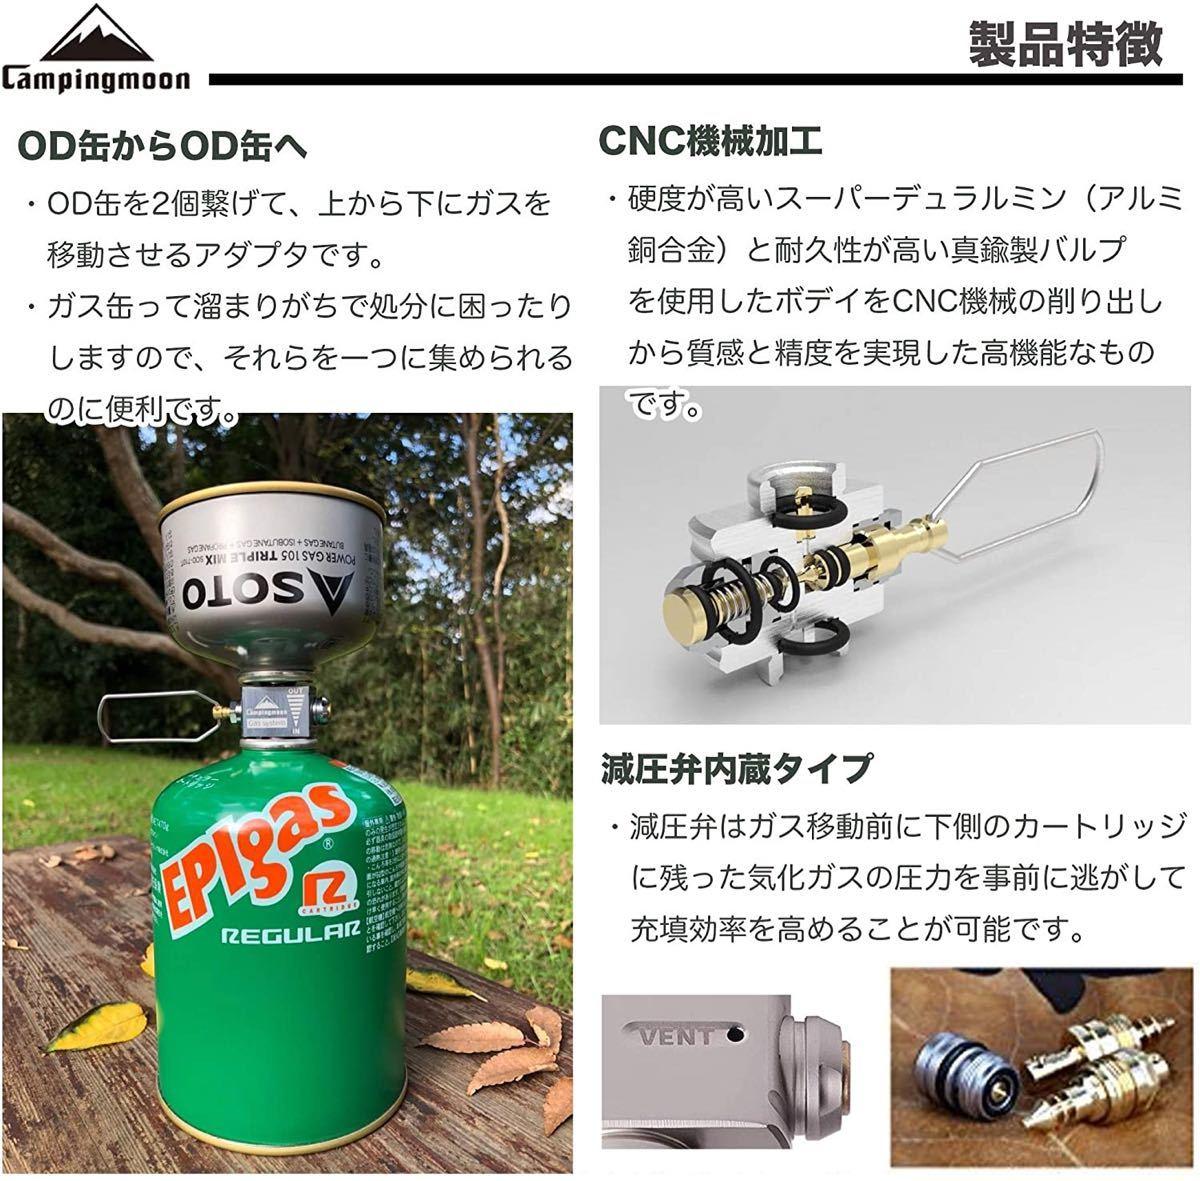 キャンピングムーン CB缶OD缶 互換アダプター ねじ込み磁石式 変換アダプター OD缶 CB缶